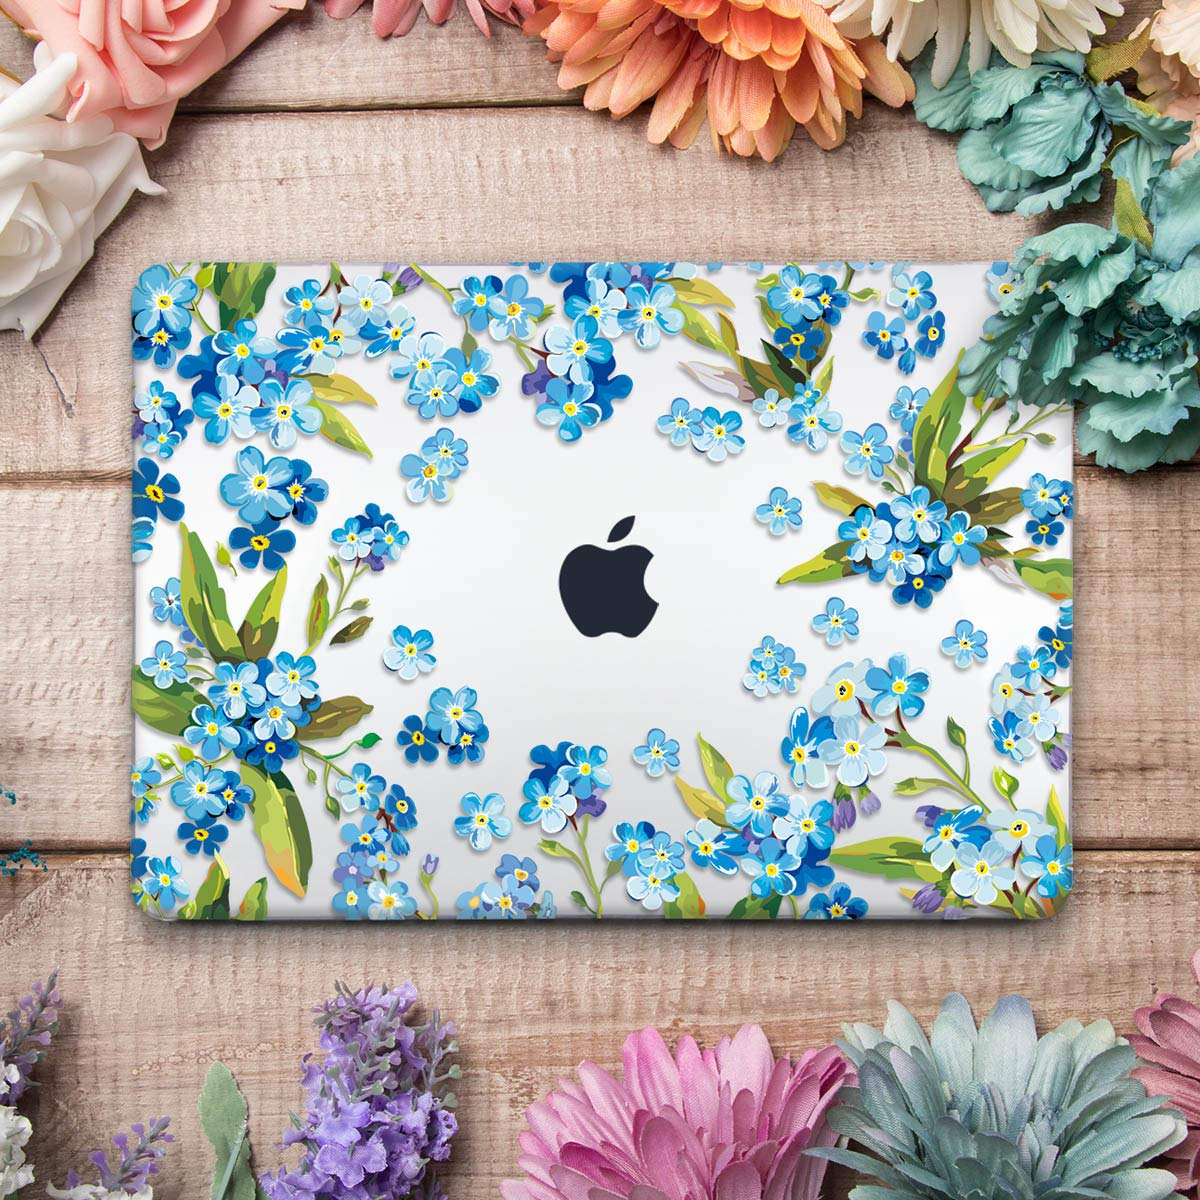 Funda Funda Funda MacBook Pro 13 2016 2017, TwoL Plástico Funda Dura Carcasa para MacBook Pro 13 Pulgadas con/sin Touch Bar (Cerebro Creativo) b4b120